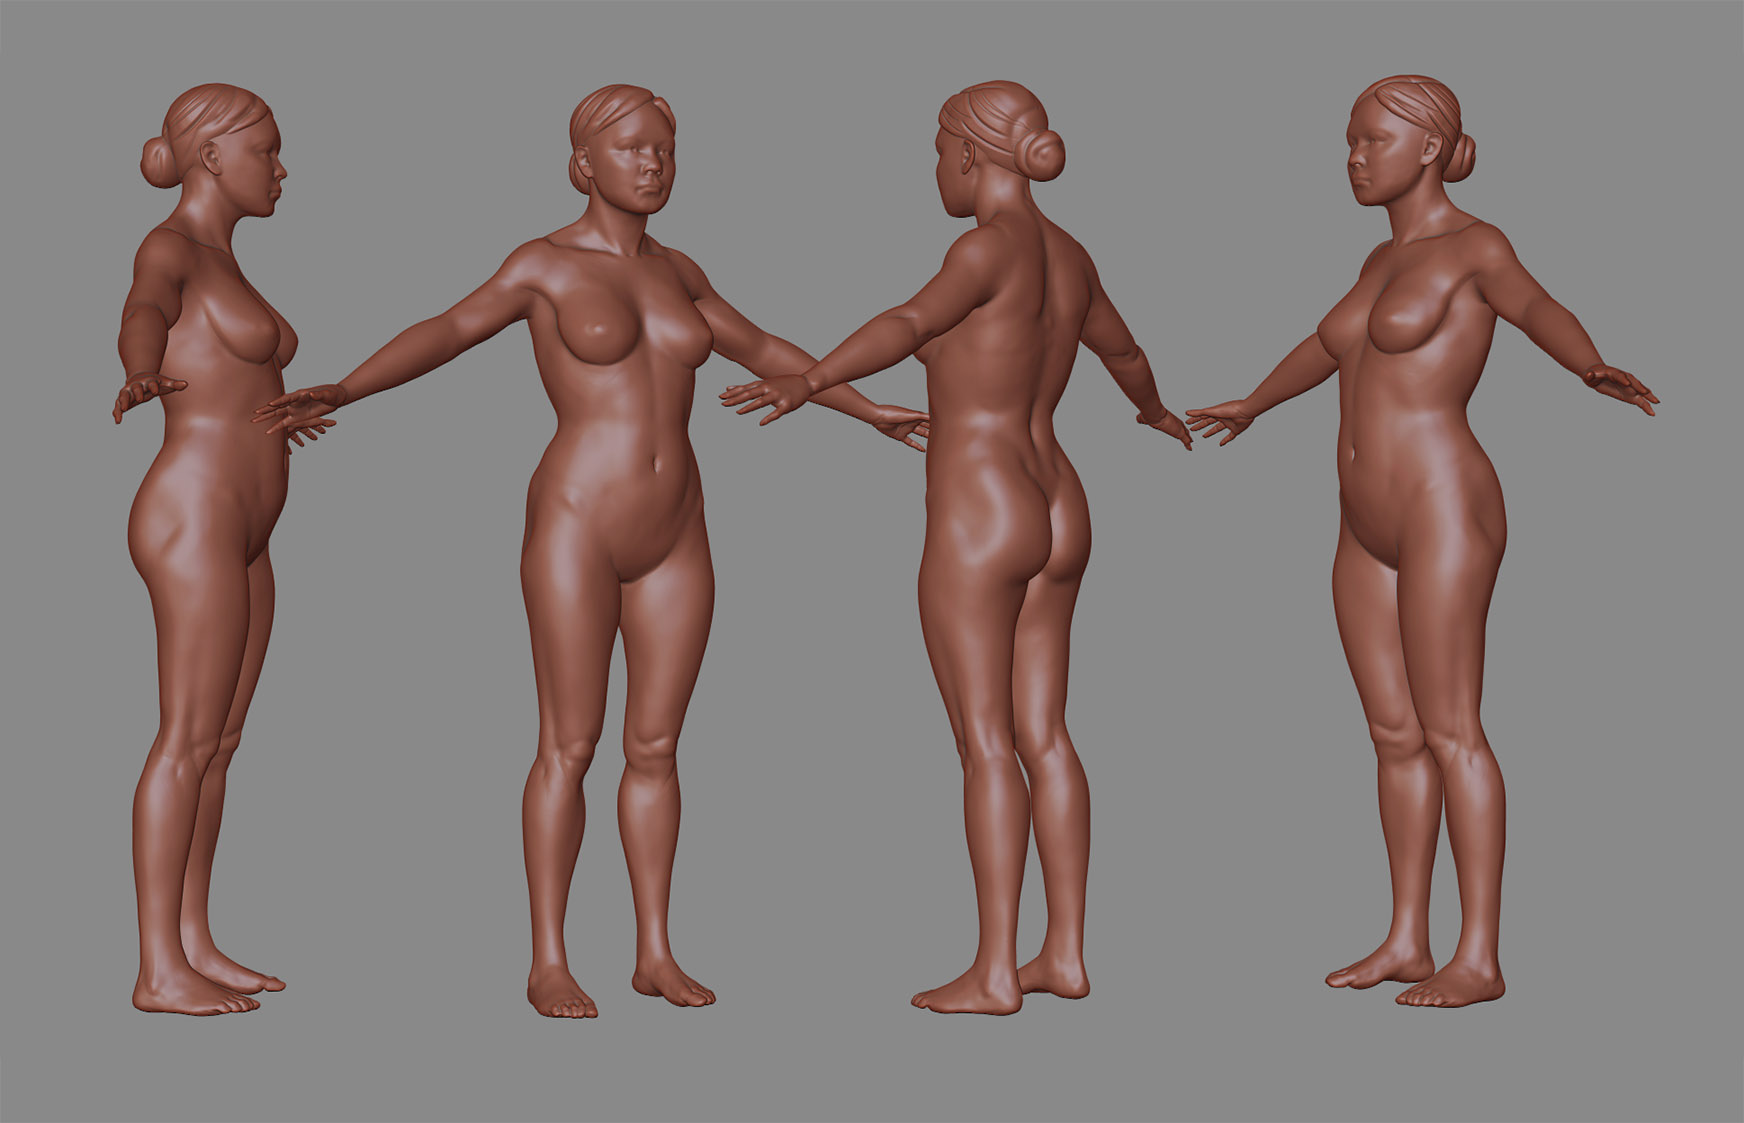 Female Figure Sculpt